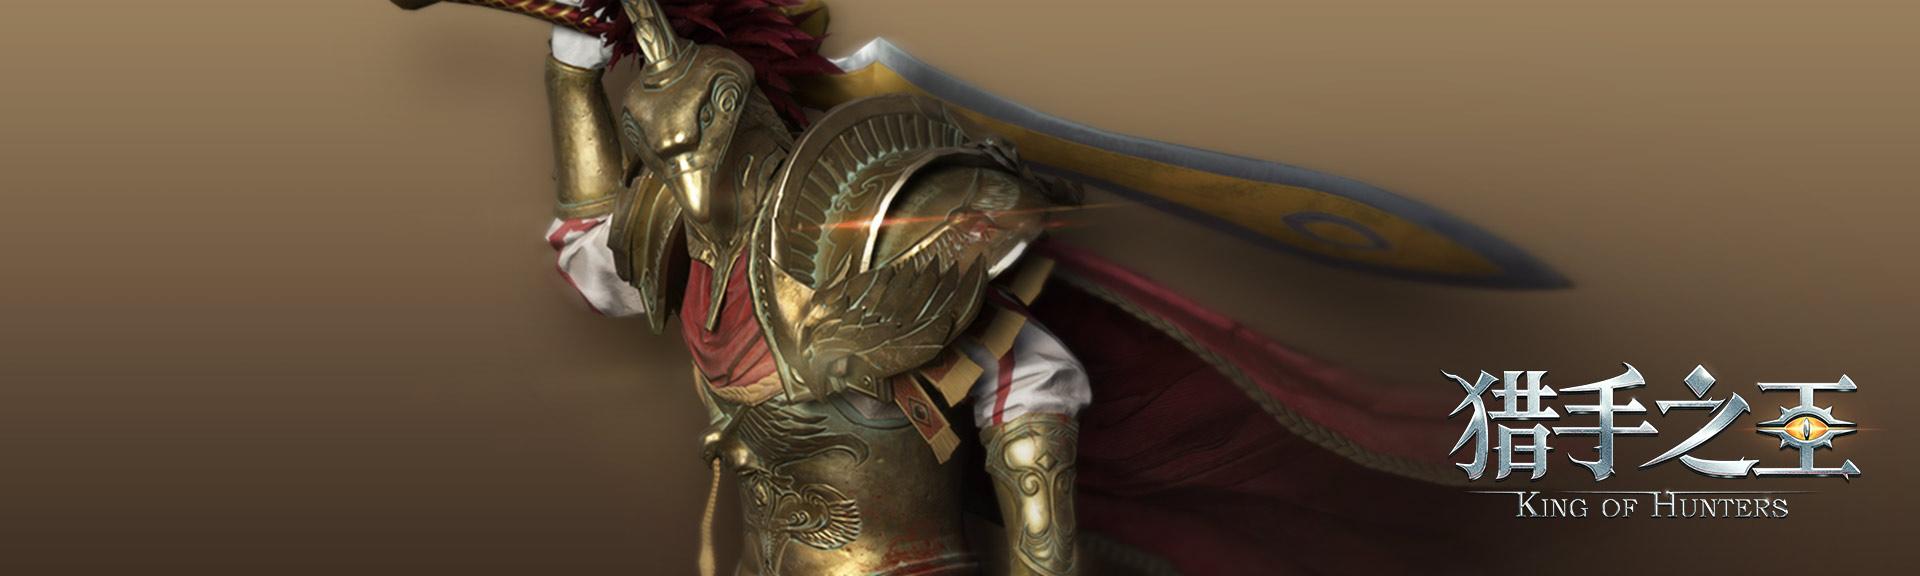 这款180万条试玩视频的《猎手之王》29日国内首测